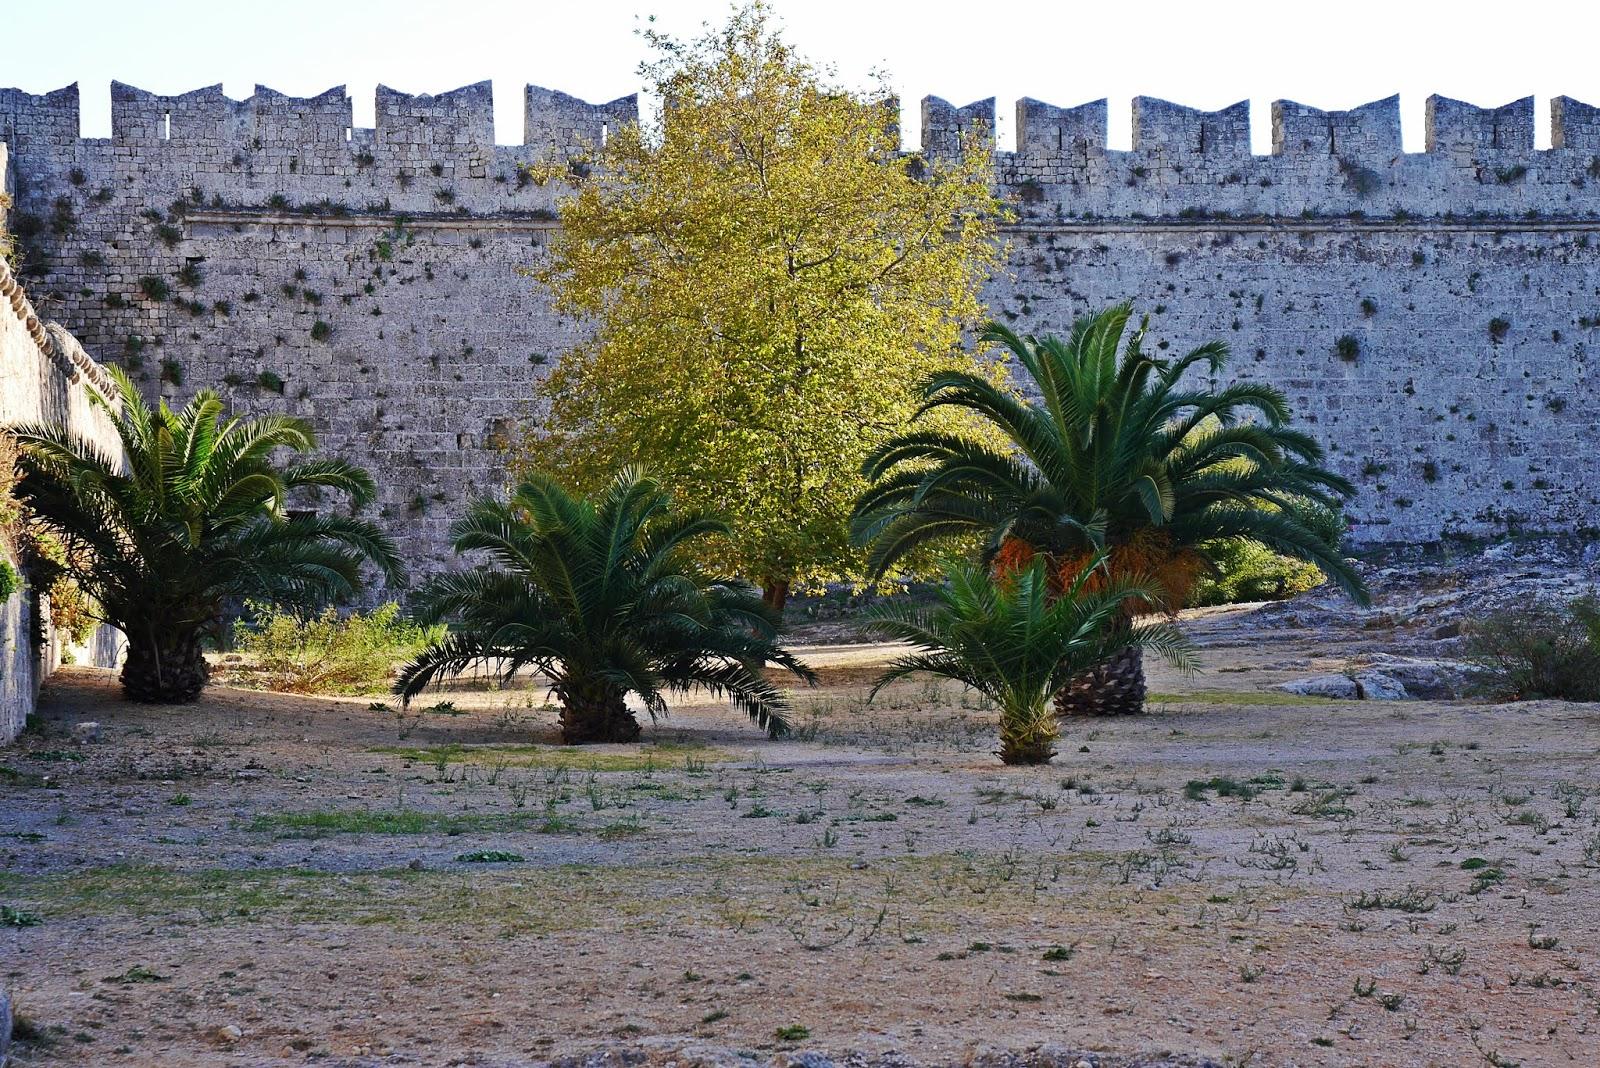 Ruiny strae miasto rodos rhodes grecja  podróż poślubna karyn blog modowy blogerka modowa